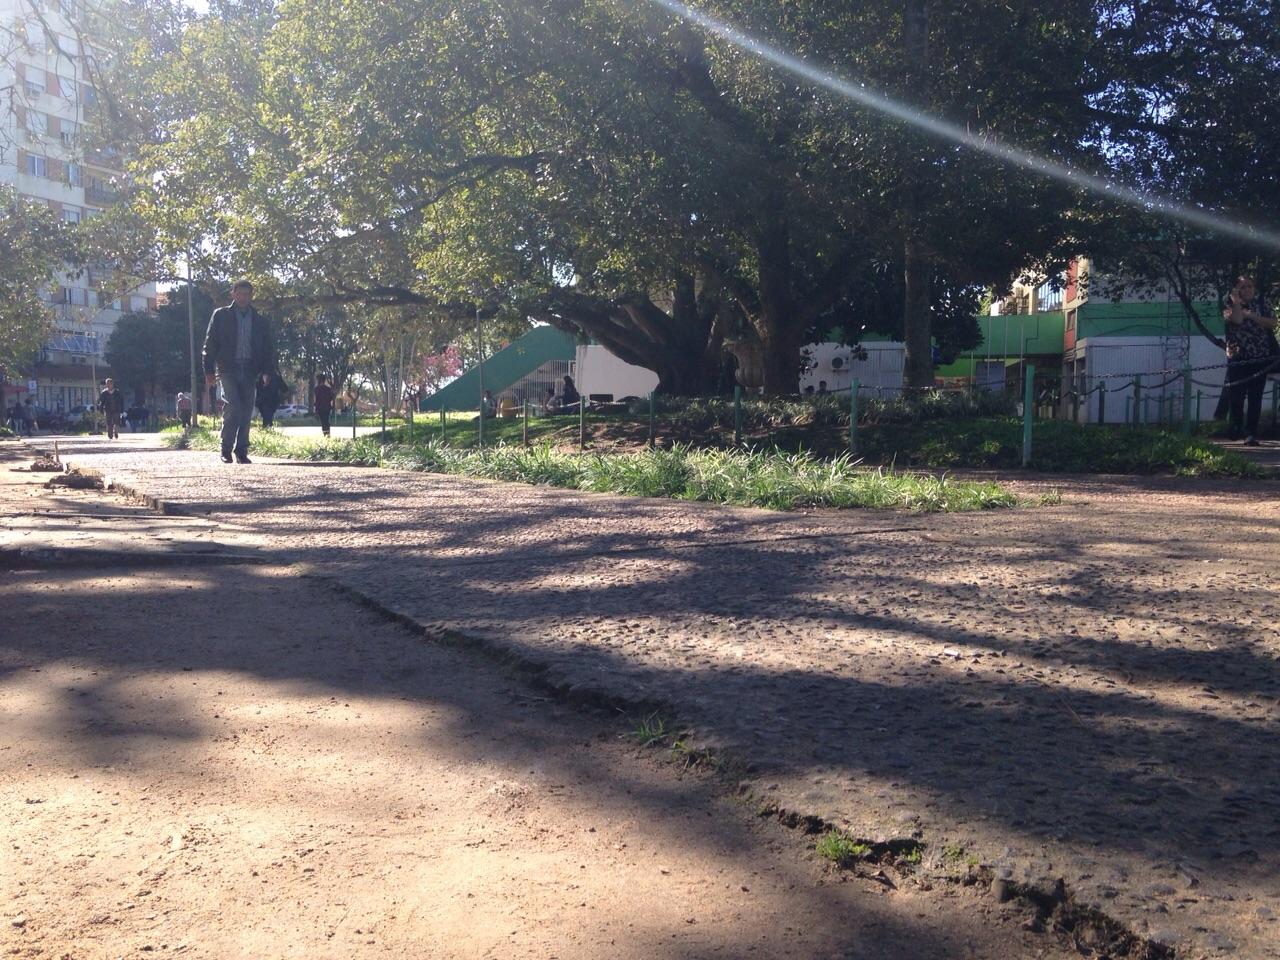 Linchamento ocorreu na Praça Júlio de Castilhos, no Centro (Agência RBS/Débora Ely)